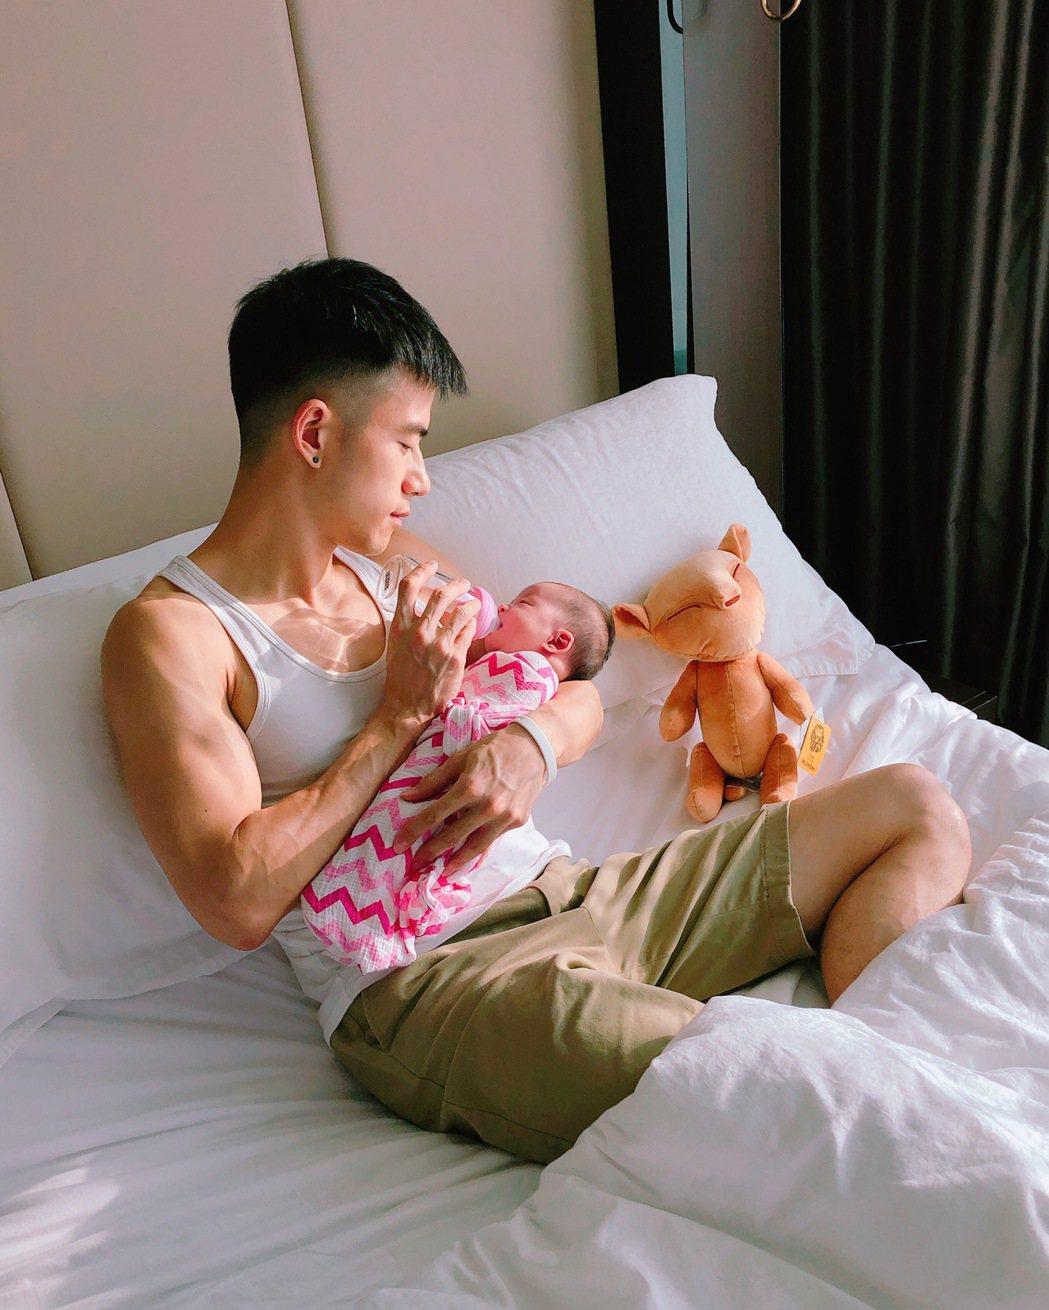 JR抱著女兒,露出慈父的模樣。圖/天晴娛樂提供